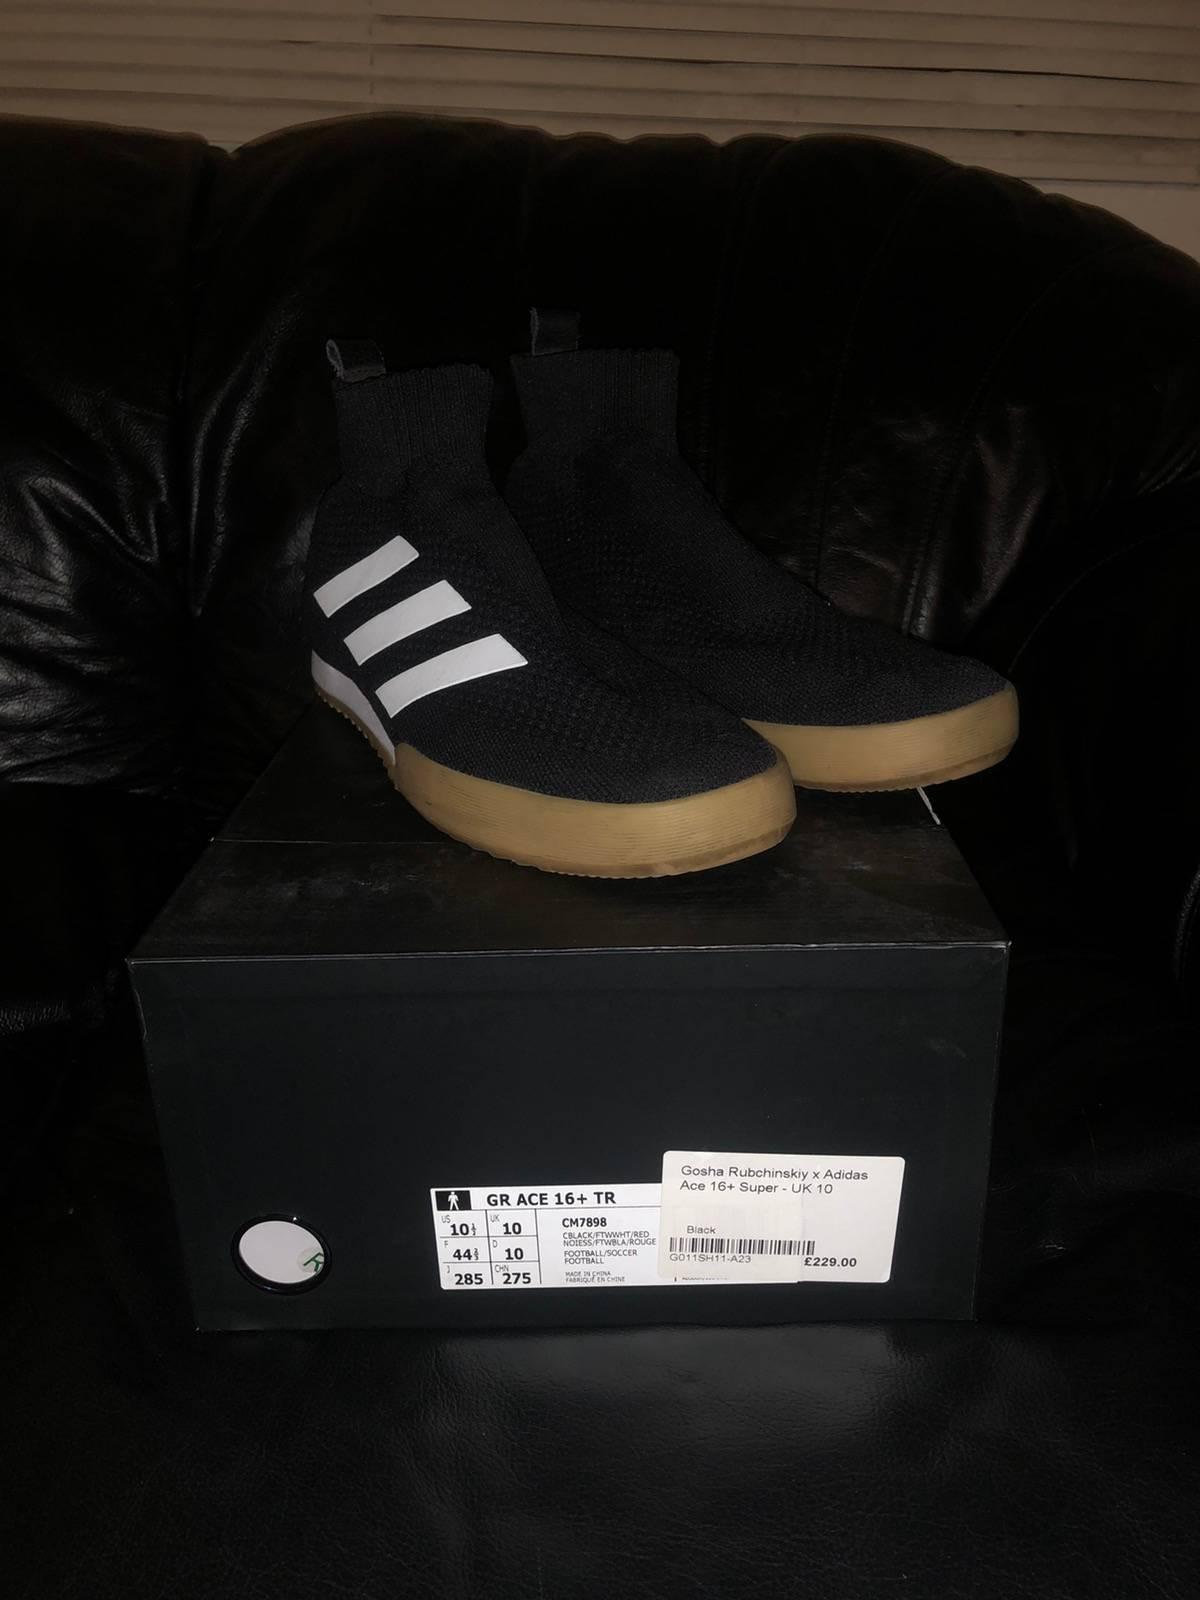 Adidas × Gosha Rubchinskiy Gosha Rubchinskiy X Ace 16+ Tr Black | White Size 10.5 $196